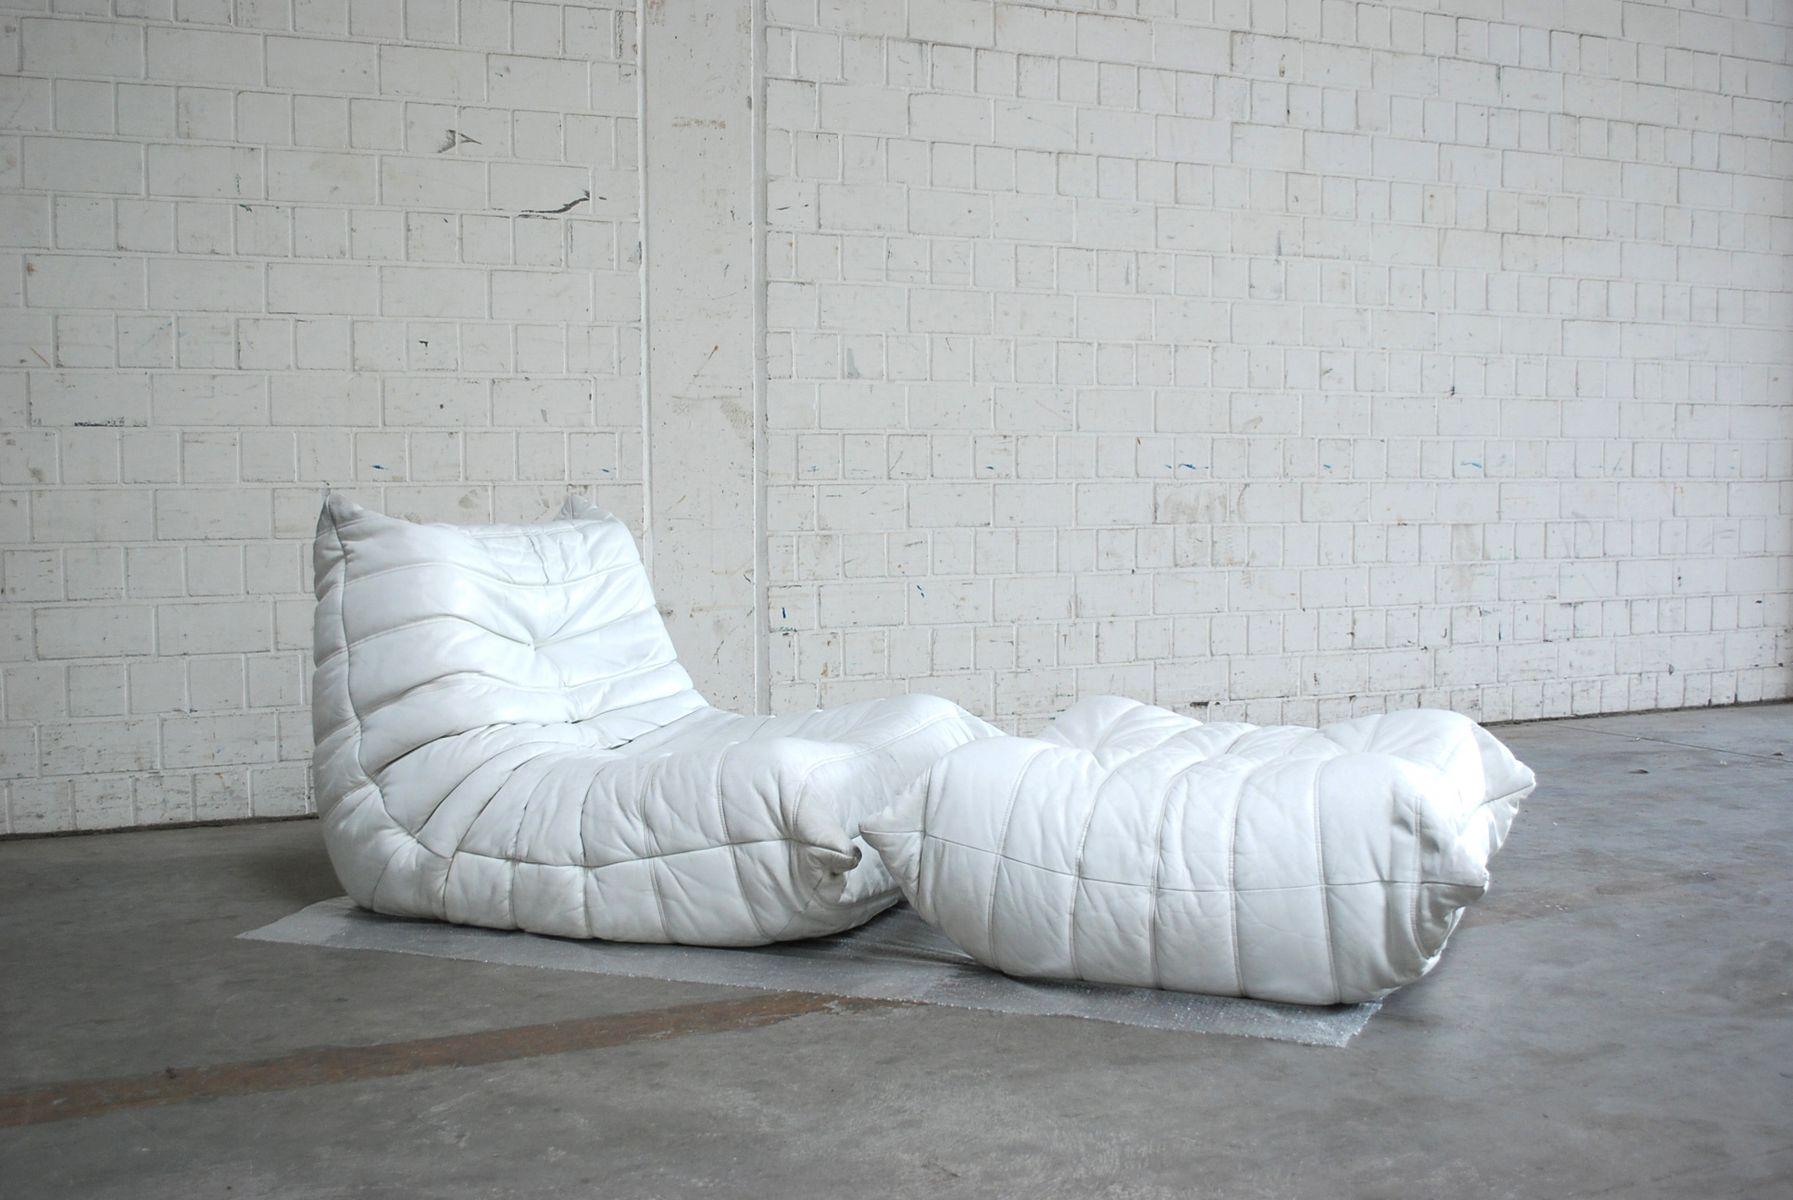 Full Size of Ligne Roset Togo Gebraucht Verkaufen Kaufen Chair Mini Sale Uk Armchair Und Ottomane In Weiem Leder Von Michel Ducaroy Sofa Wohnzimmer Ligne Roset Togo